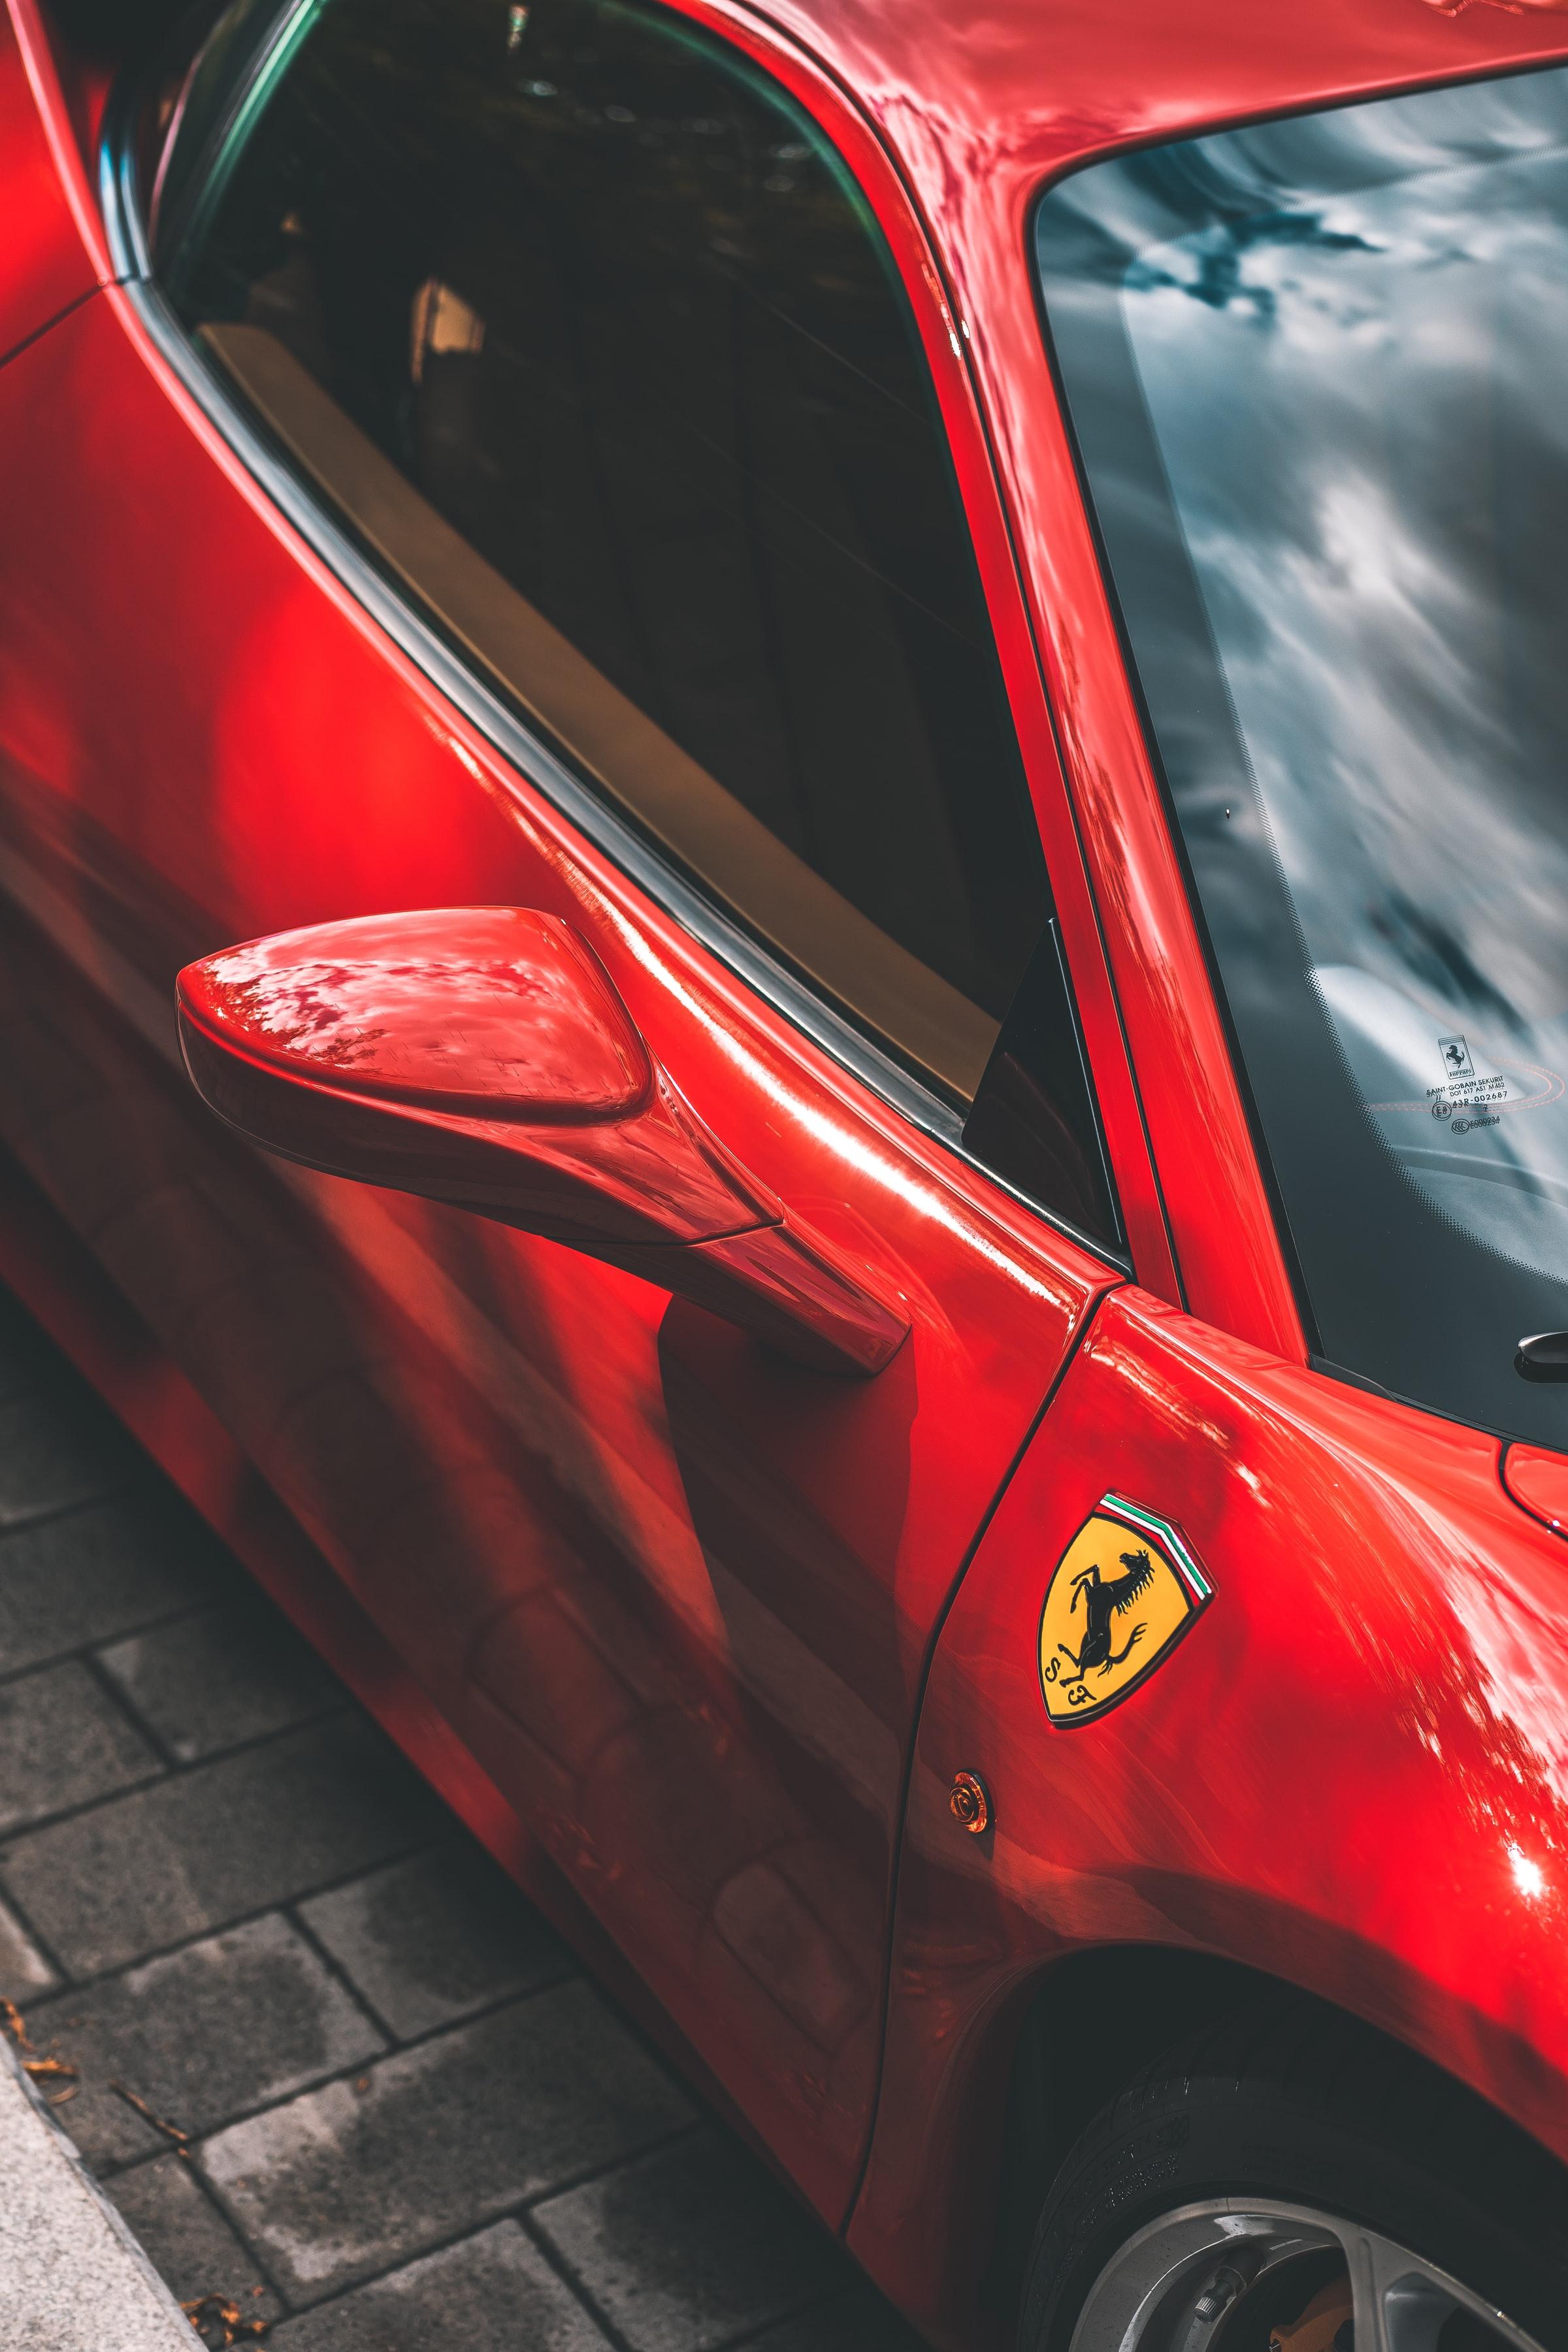 131138 скачать обои Тачки (Cars), Феррари (Ferrari), Автомобиль, Спорткар, Красный, Зеркало - заставки и картинки бесплатно